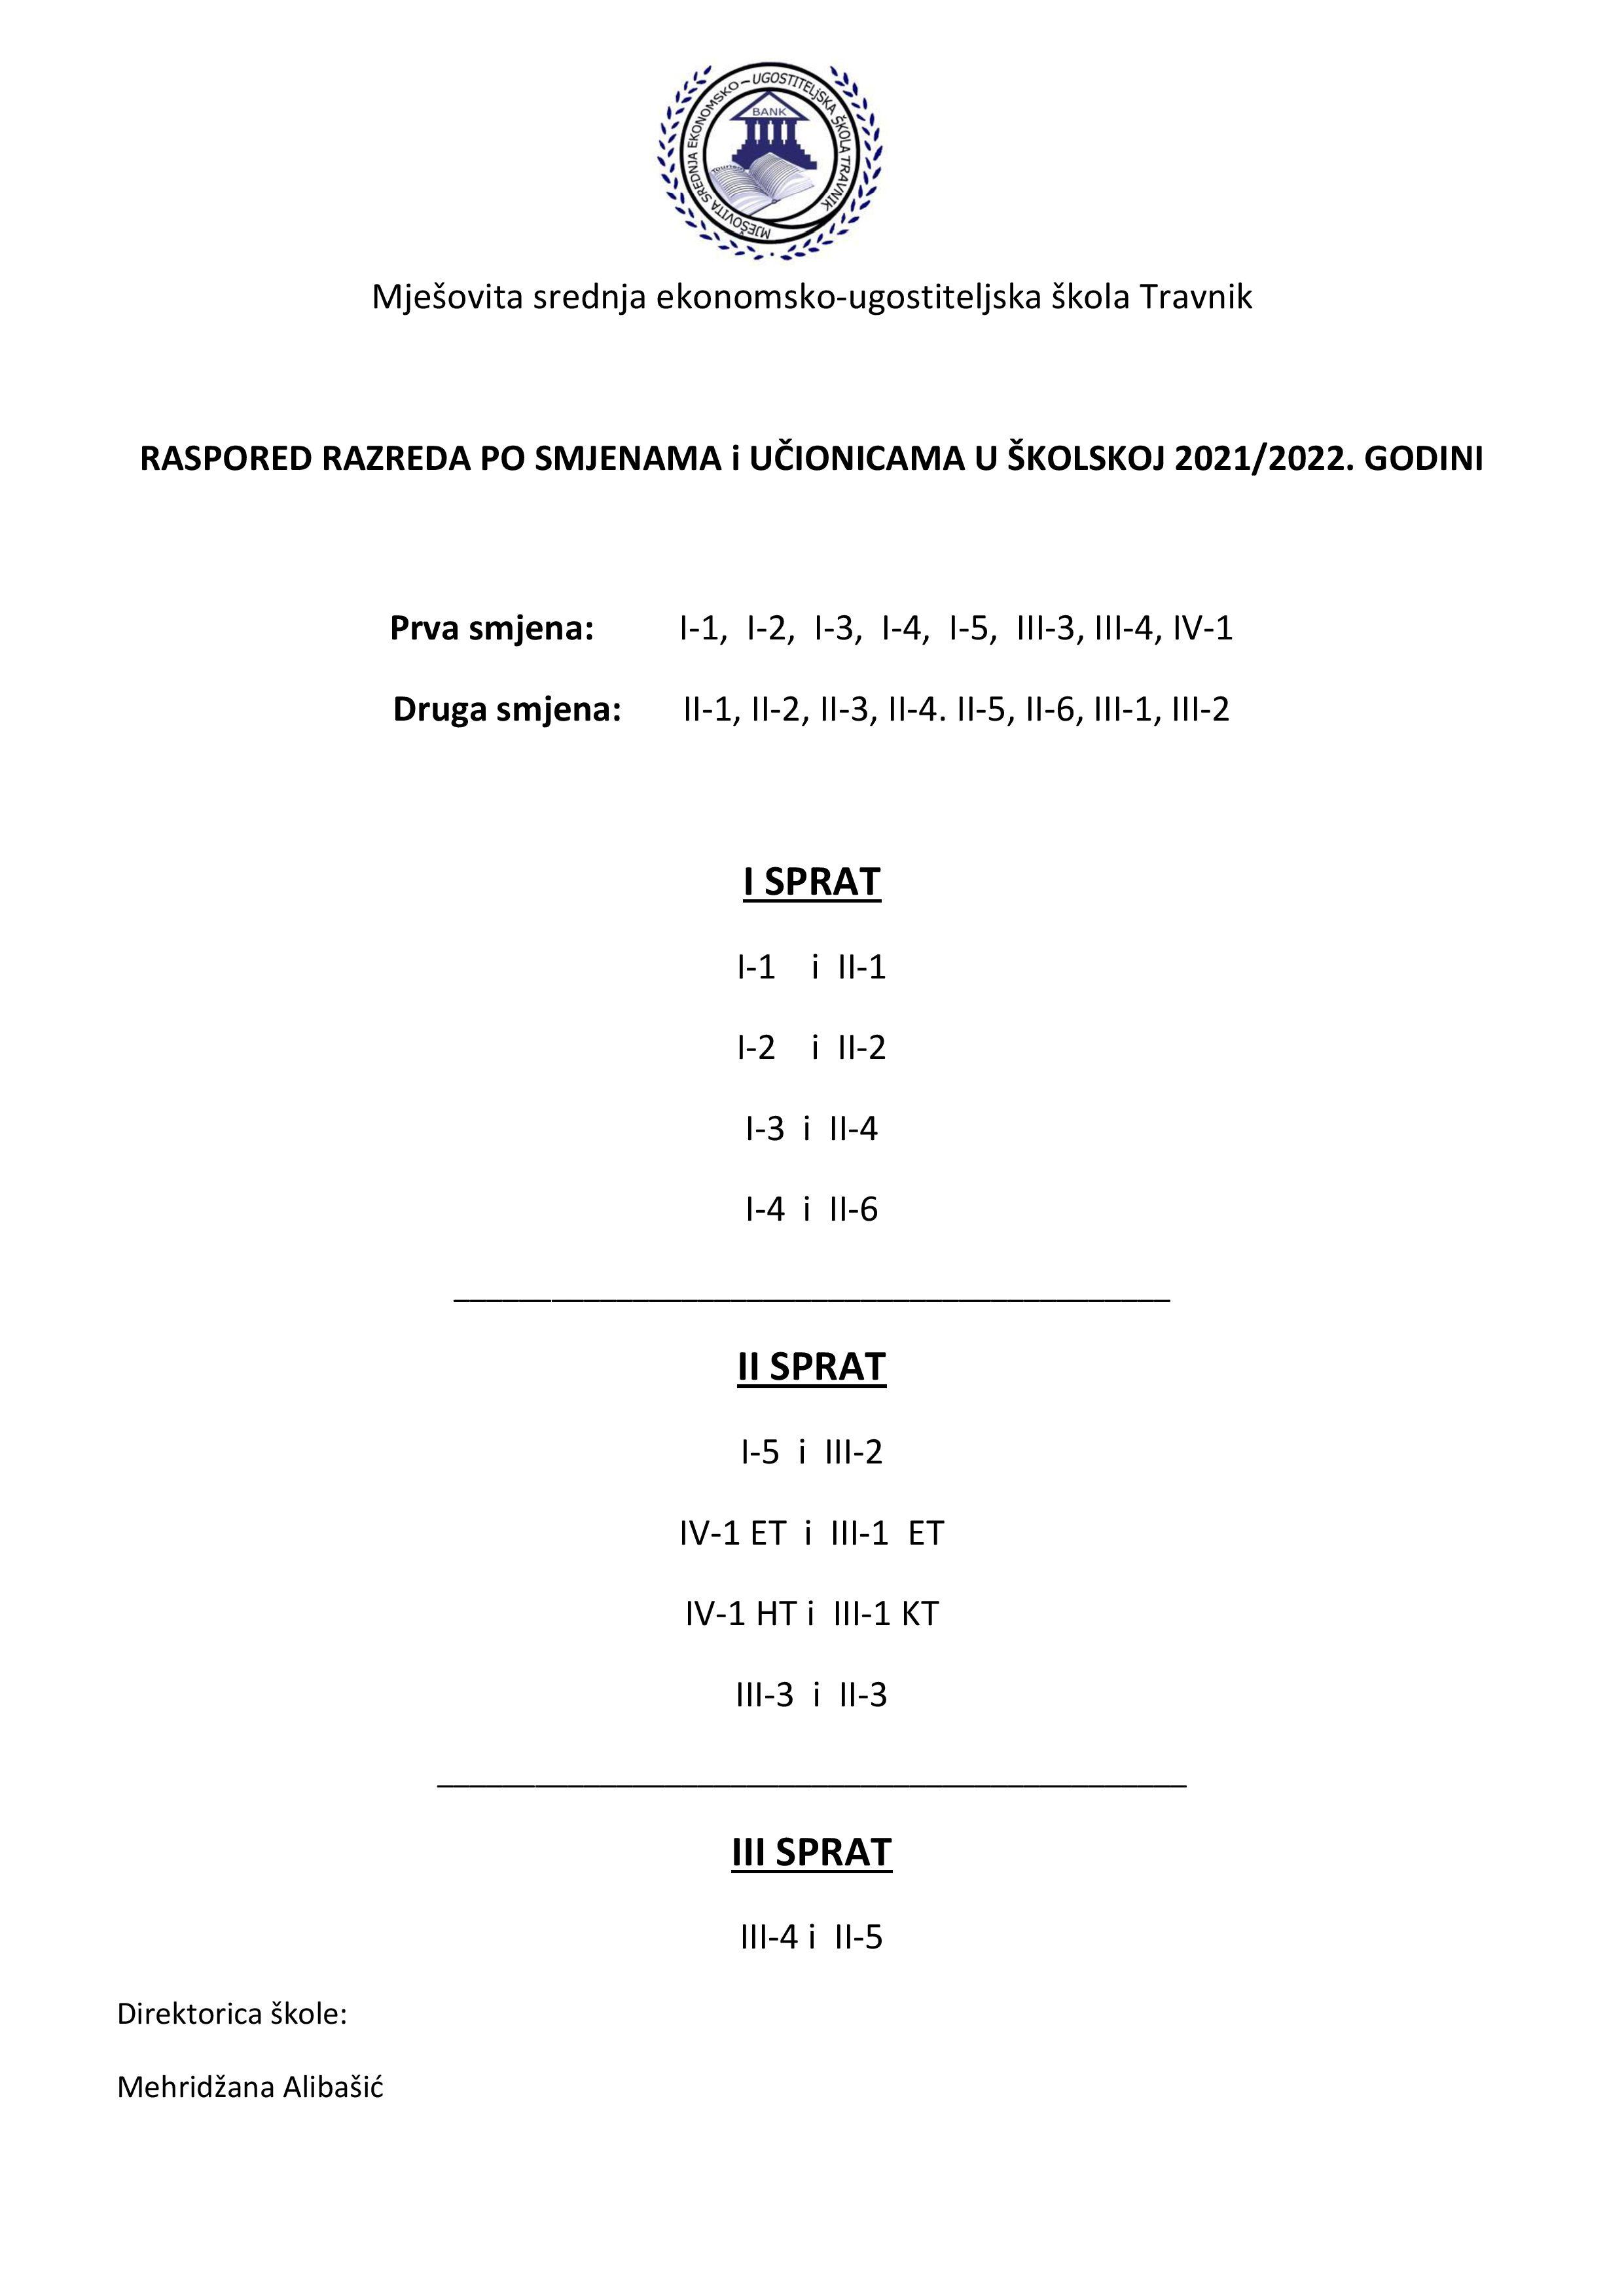 Raspored razreda po smjenama i učionicama